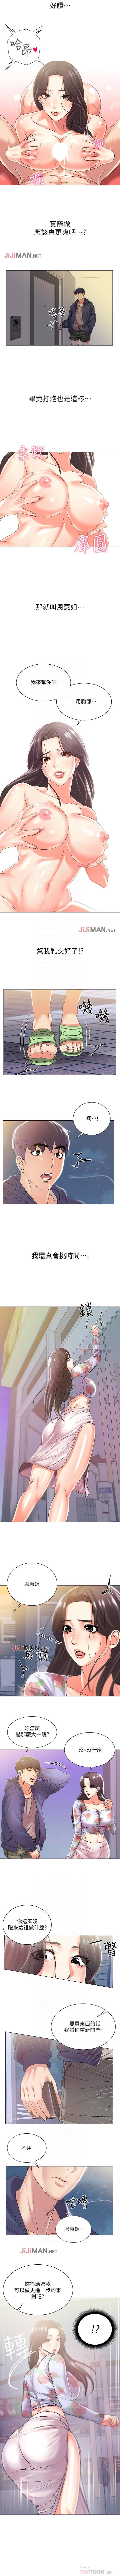 【周三连载】超市的漂亮姐姐(作者:北鼻&逃兵) 第1~20话 92